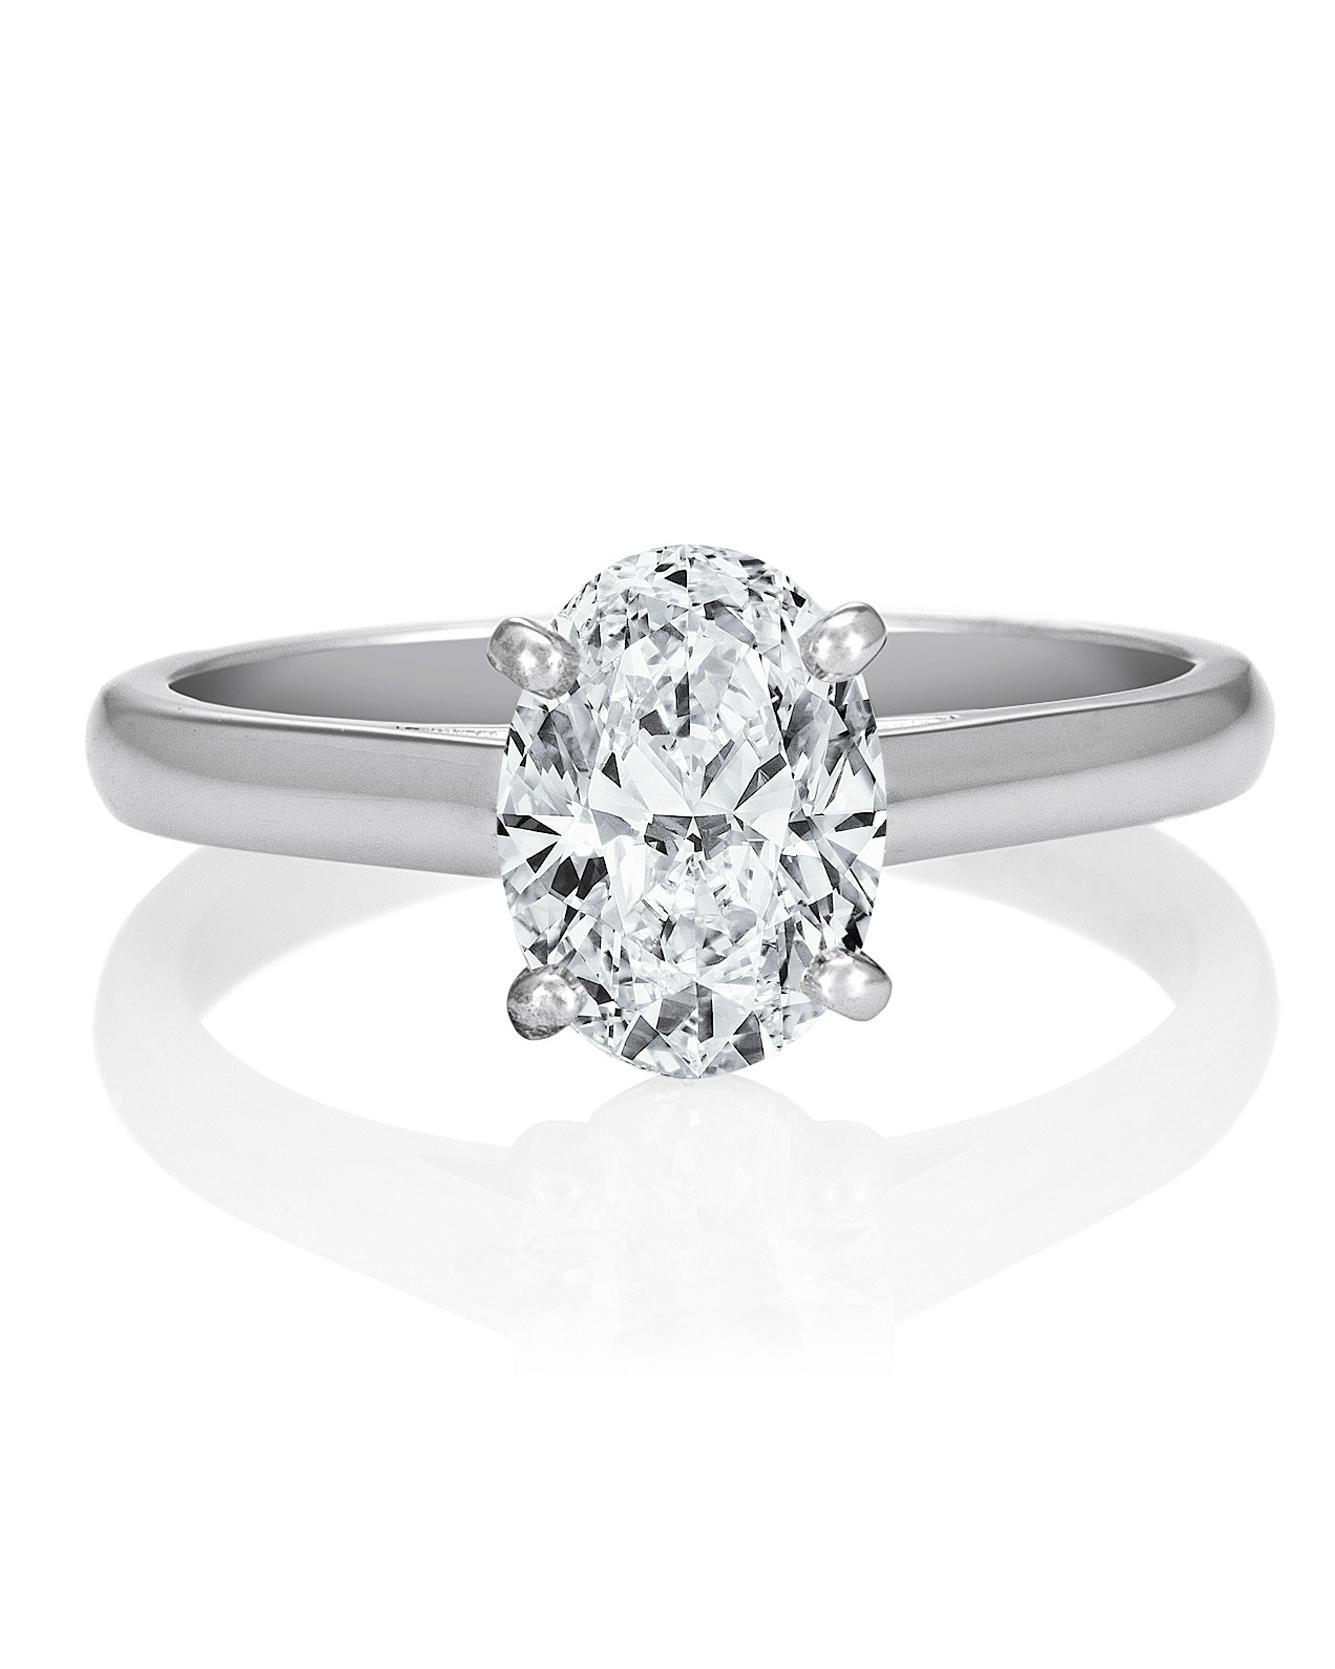 oval-cut-engagement-ring-debeers-0714.jpg